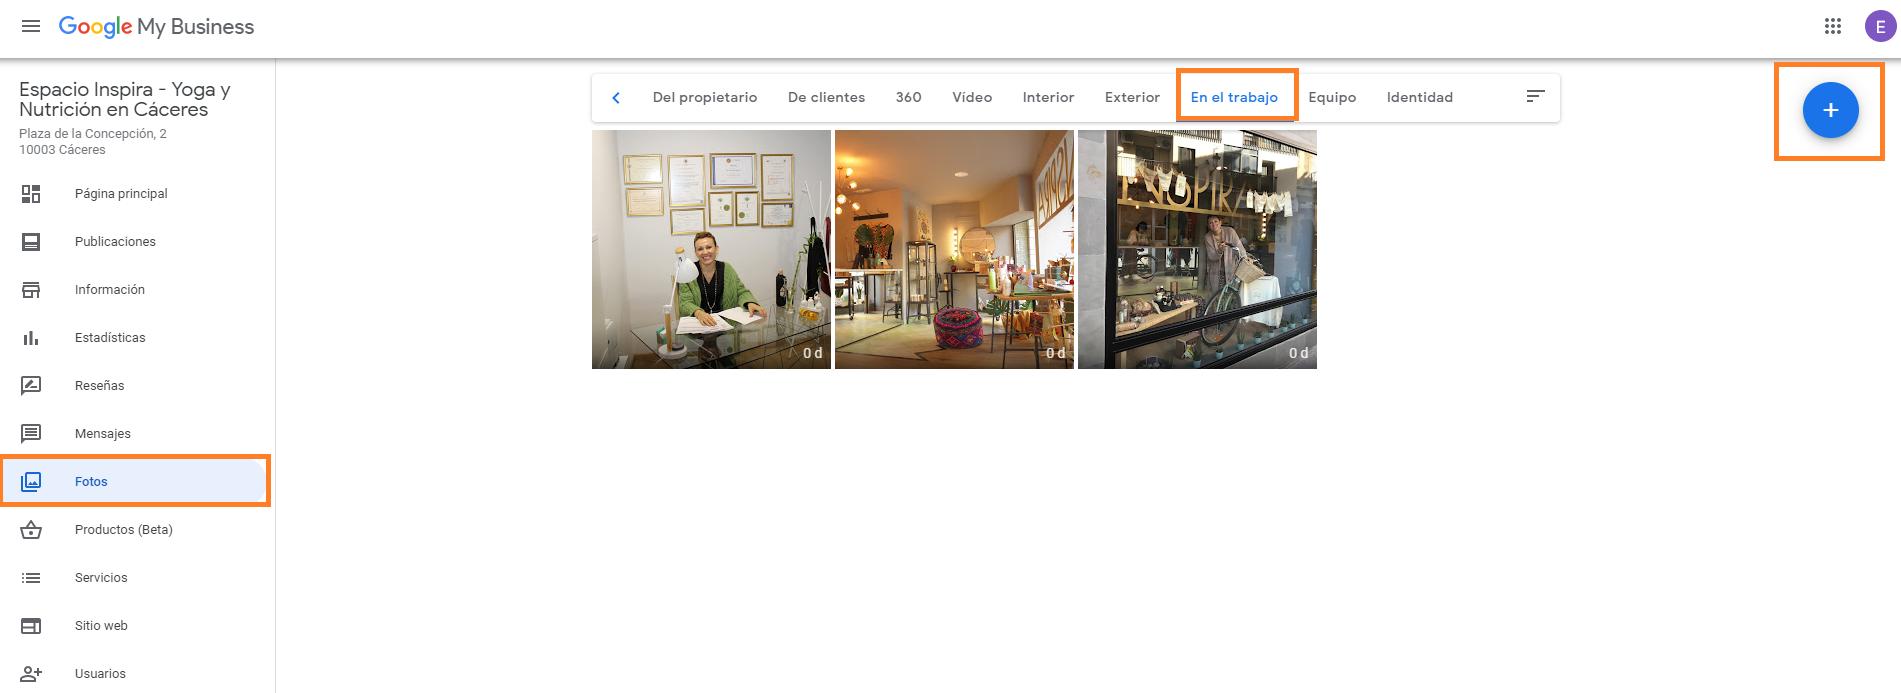 buena FOTOS DE equipo en accion como crear buen perfil google my business